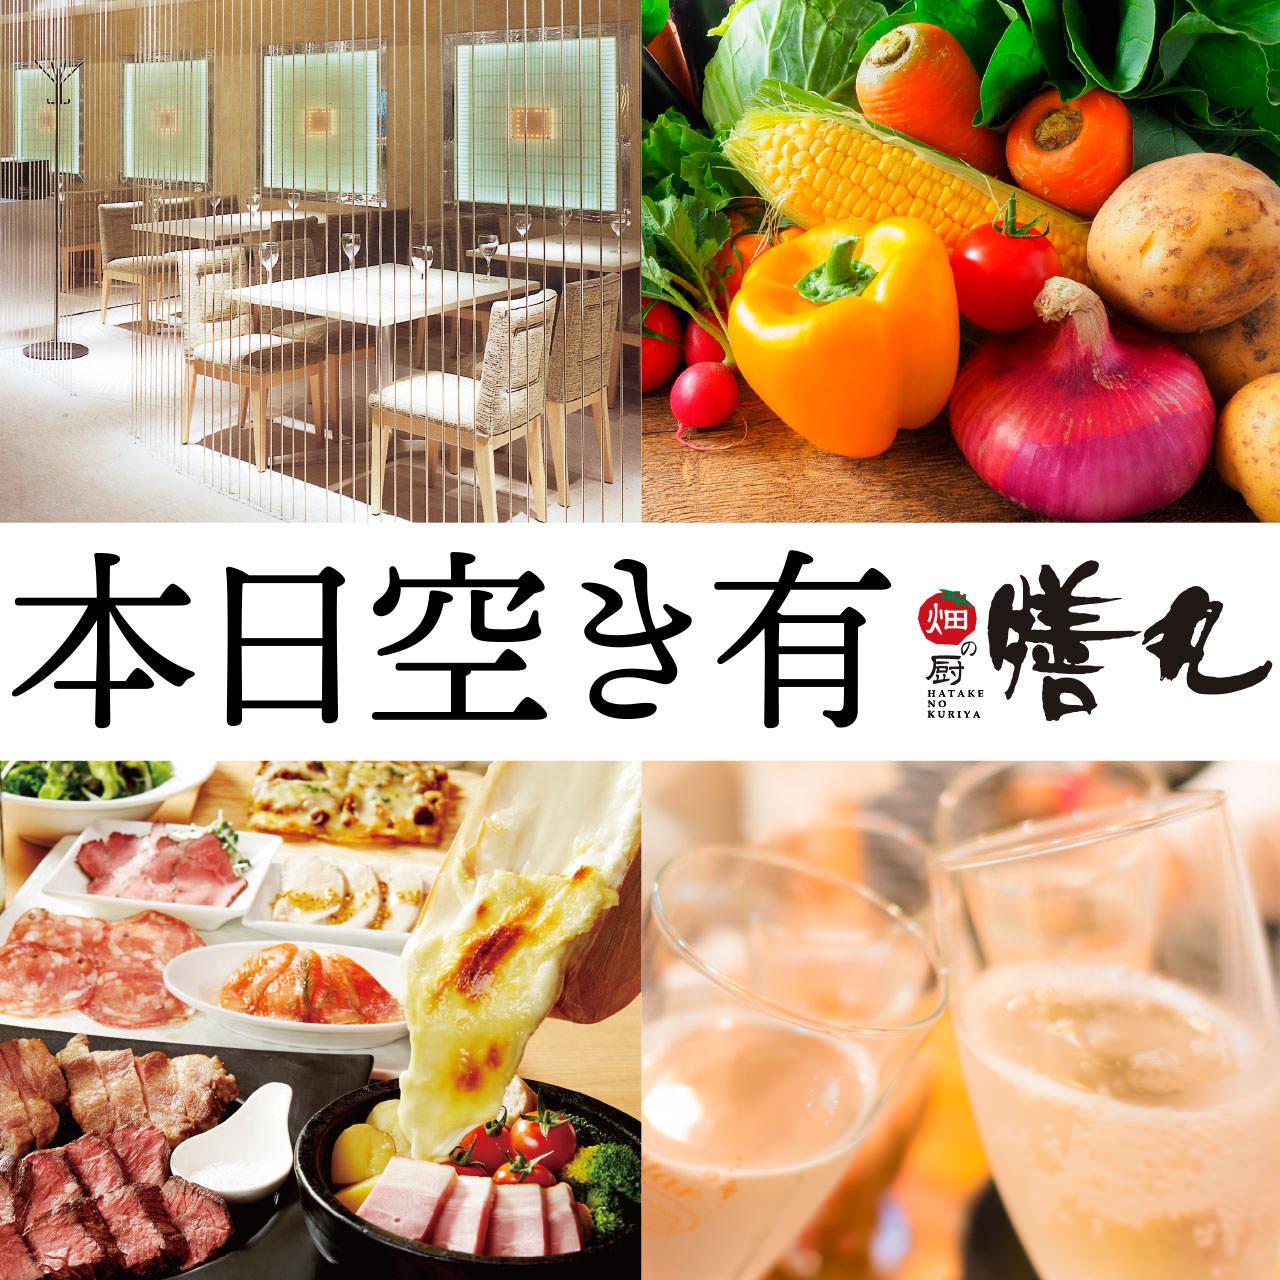 畑の厨 膳丸 新宿店のイメージ写真